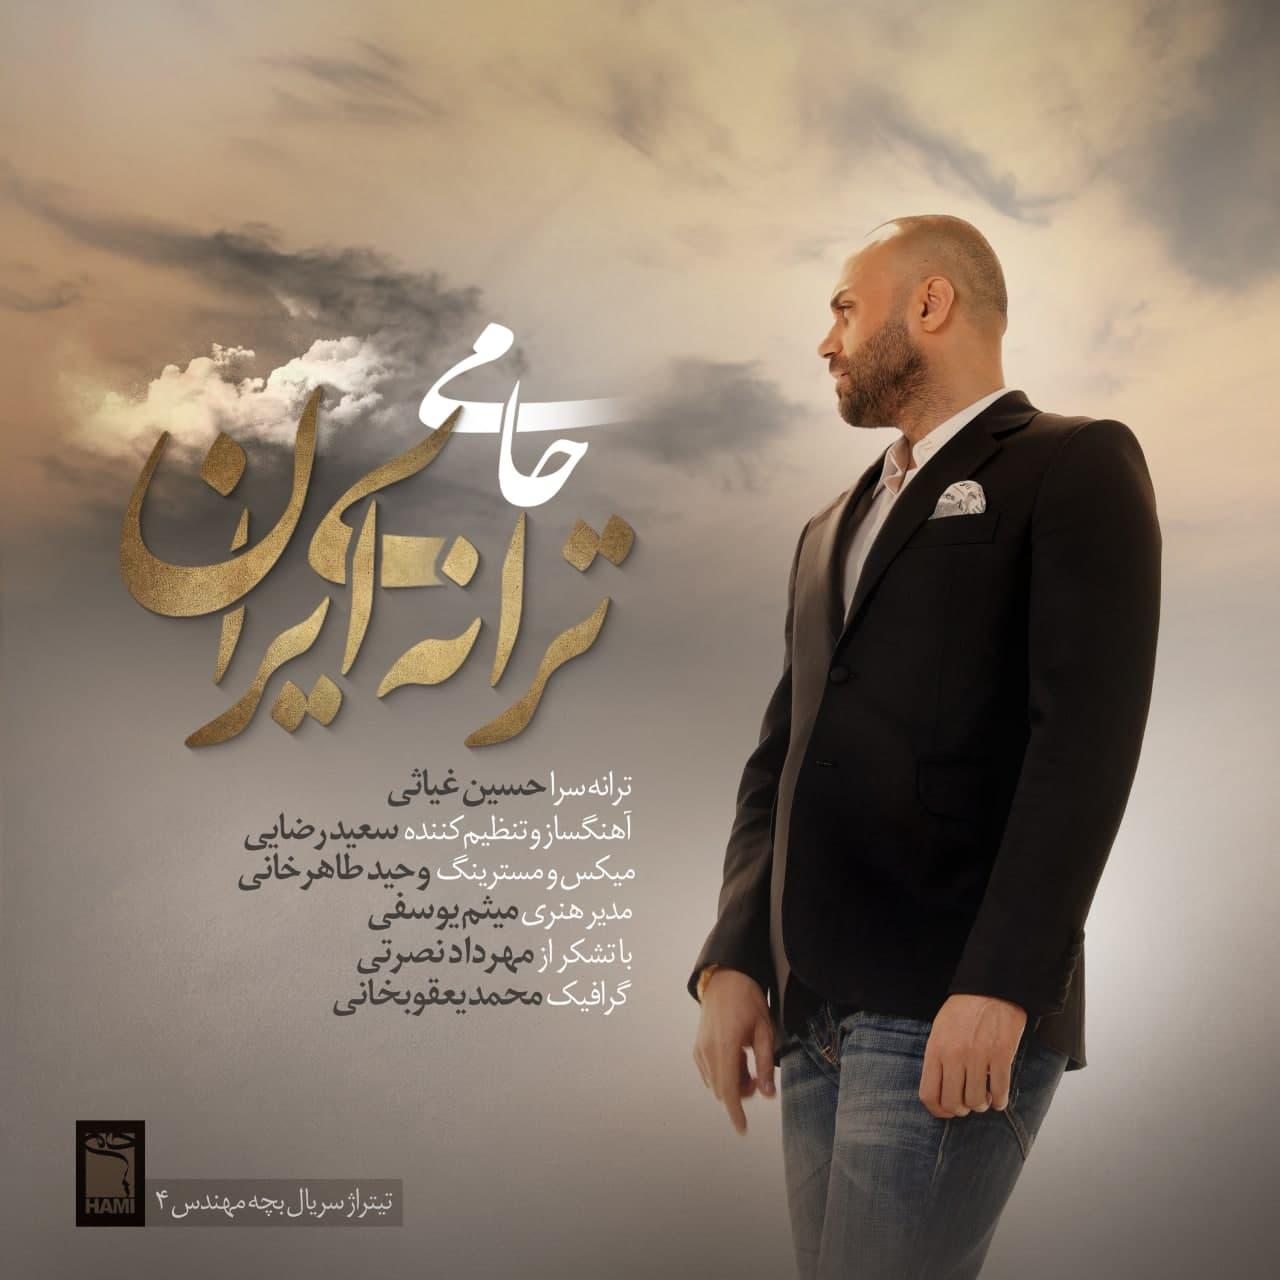 دانلود آهنگ حمید حامی ترانه ی ایران